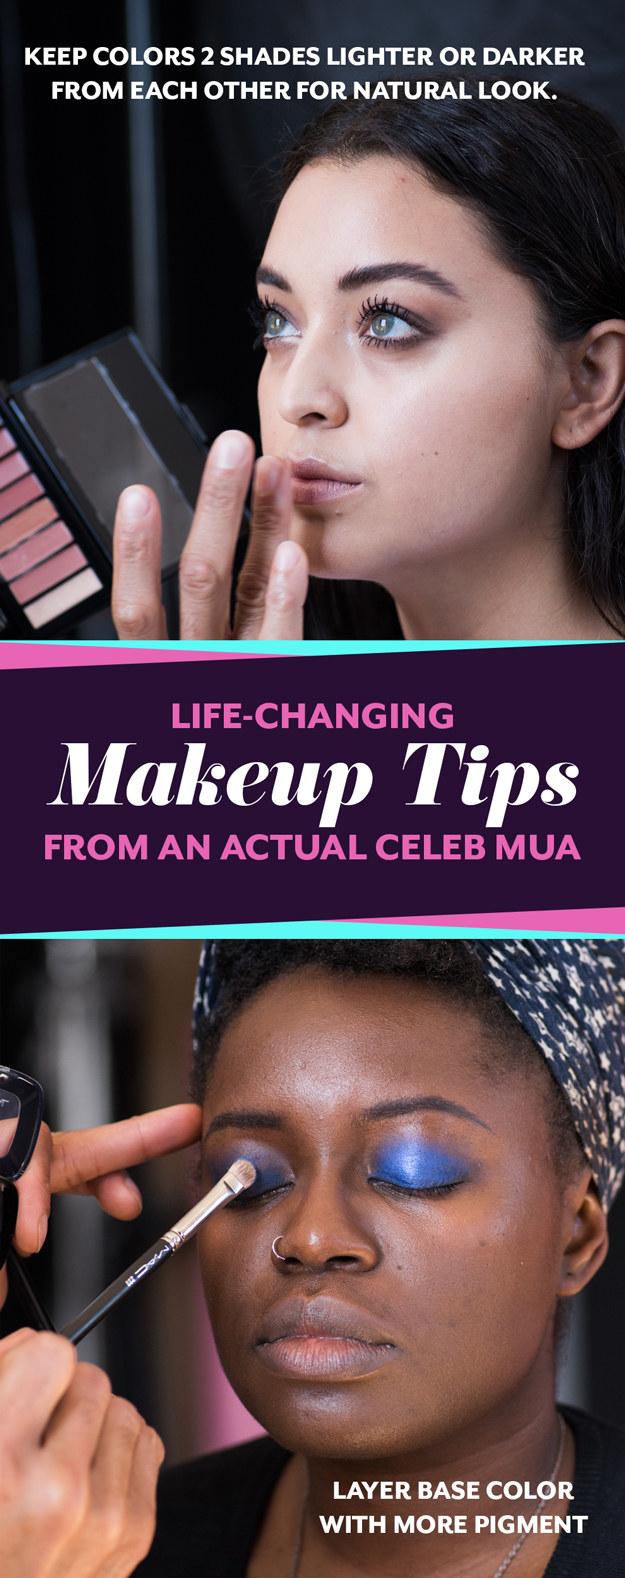 Jeremy Renner Makeup Artist Tips  Saubhaya Makeup